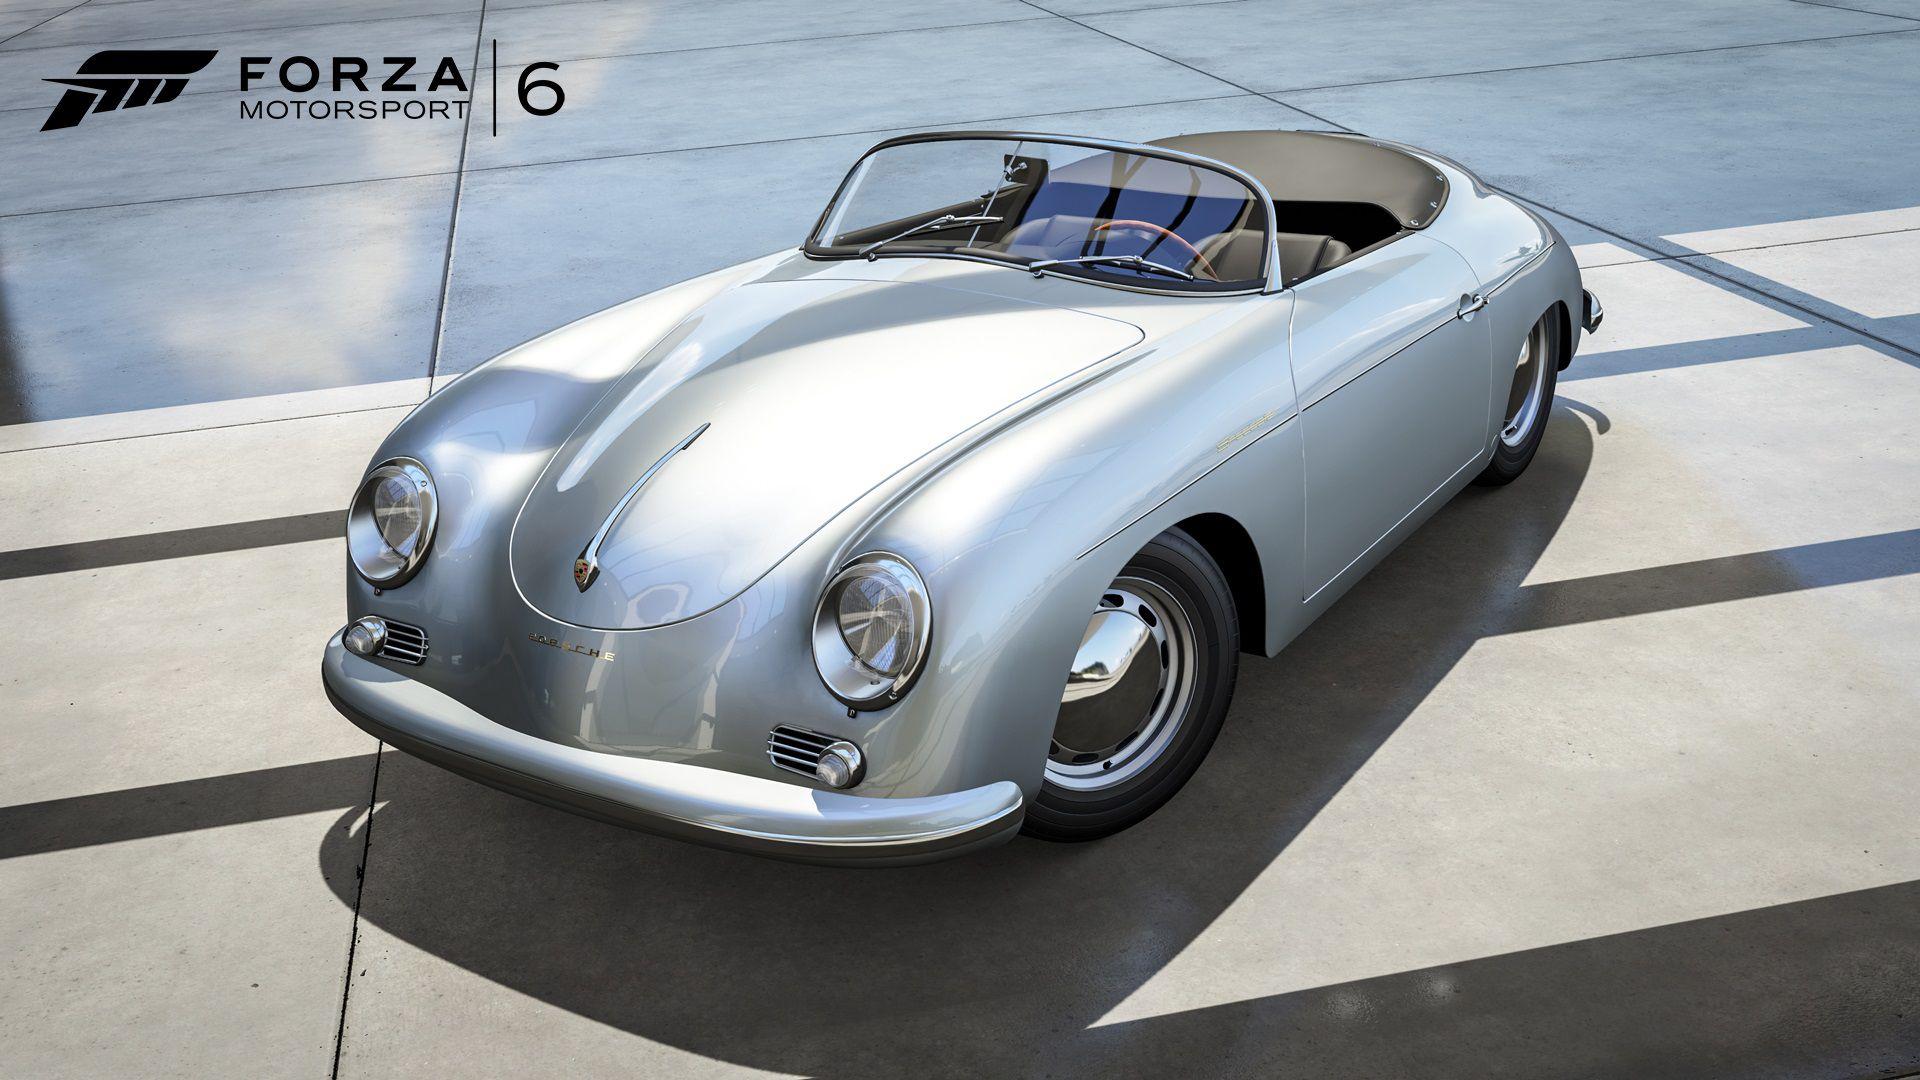 Image Fm6 Porsche 356 Jpg Forza Motorsport Wiki